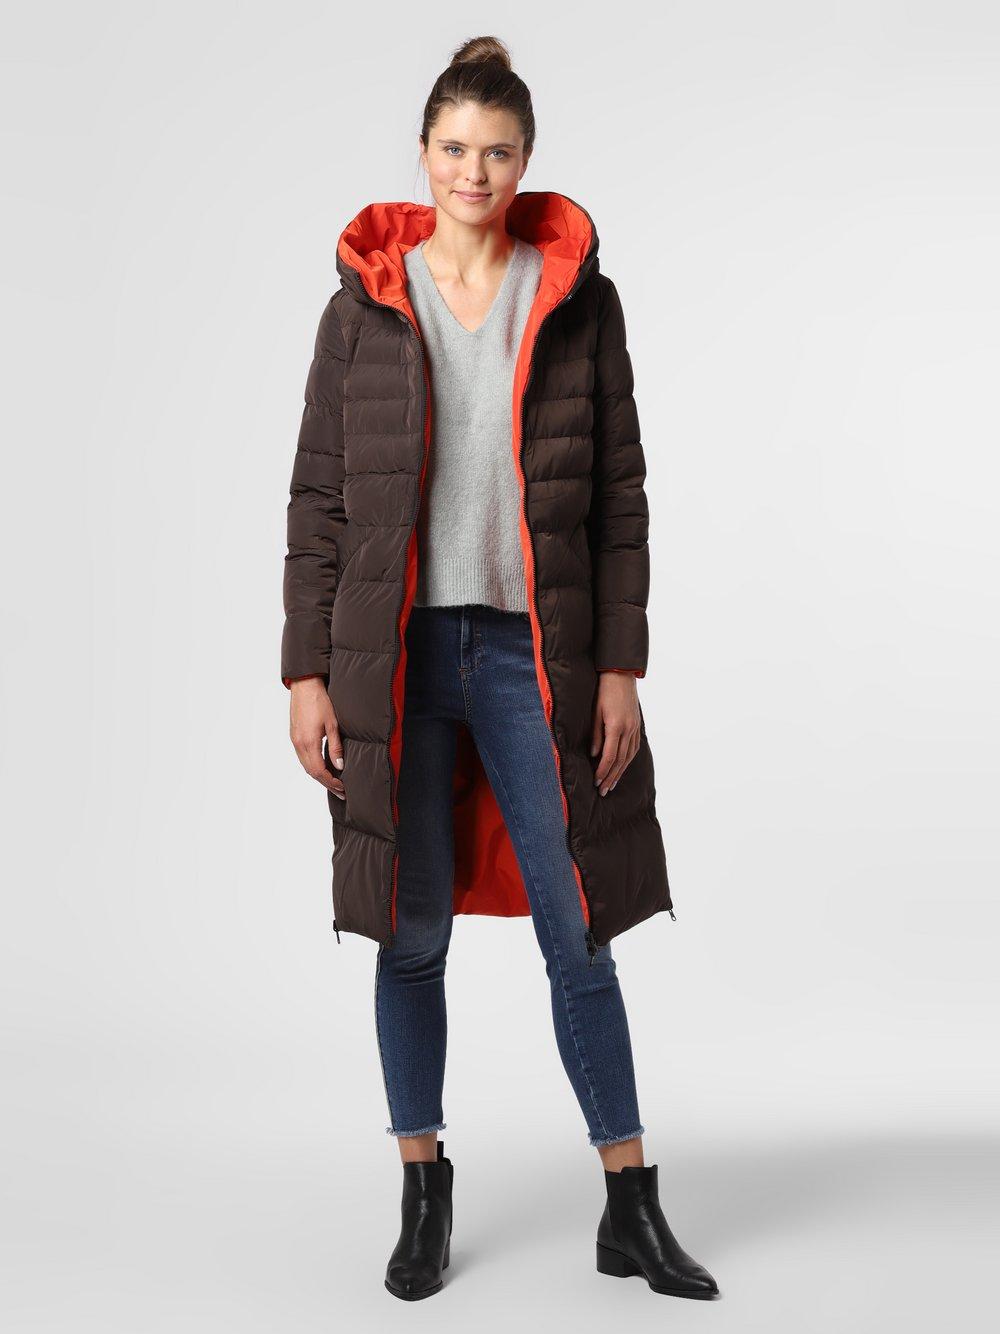 Rino & Pelle – Damski płaszcz dwustronny – Keila, brązowy Van Graaf 486005-0002